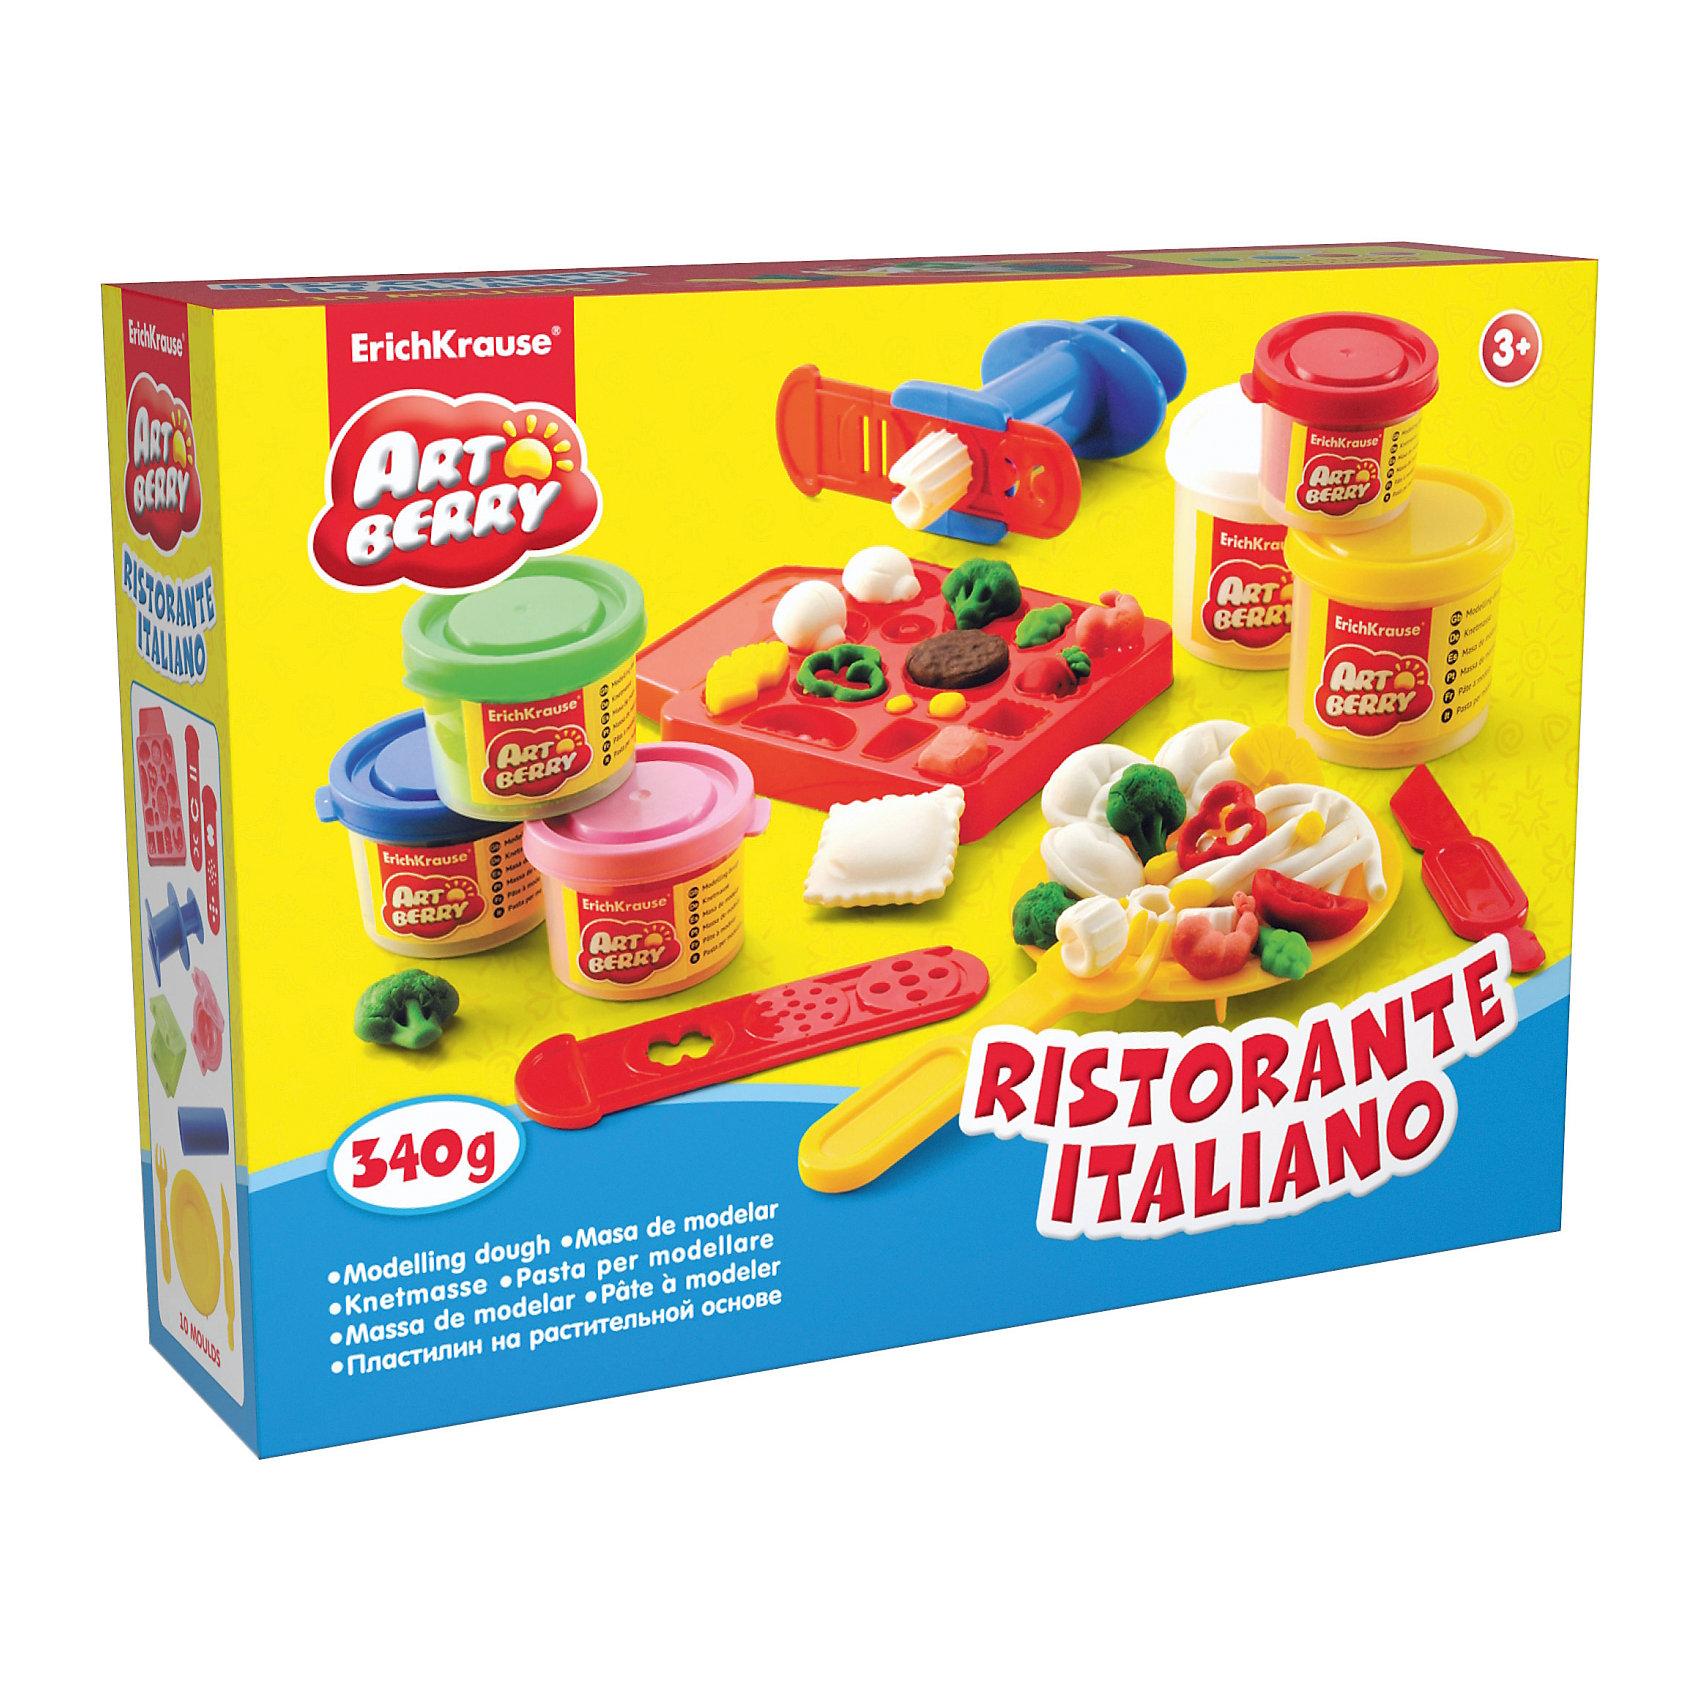 Набор для лепки: Пластилин на растительной основе Ristorante Italiano, 6 цветовСостав: 2 цвета пластилина по 100 г, 4 цвета пластилина по 35 г + форма-трафарет для лепки, 2 формочки, скалка, стек, вилка, тарелка, шприц, 2 декоративные линейки Упаковка: картонная коробка в термоплёнке<br><br>Ширина мм: 315<br>Глубина мм: 230<br>Высота мм: 78<br>Вес г: 760<br>Возраст от месяцев: 60<br>Возраст до месяцев: 216<br>Пол: Унисекс<br>Возраст: Детский<br>SKU: 3293877